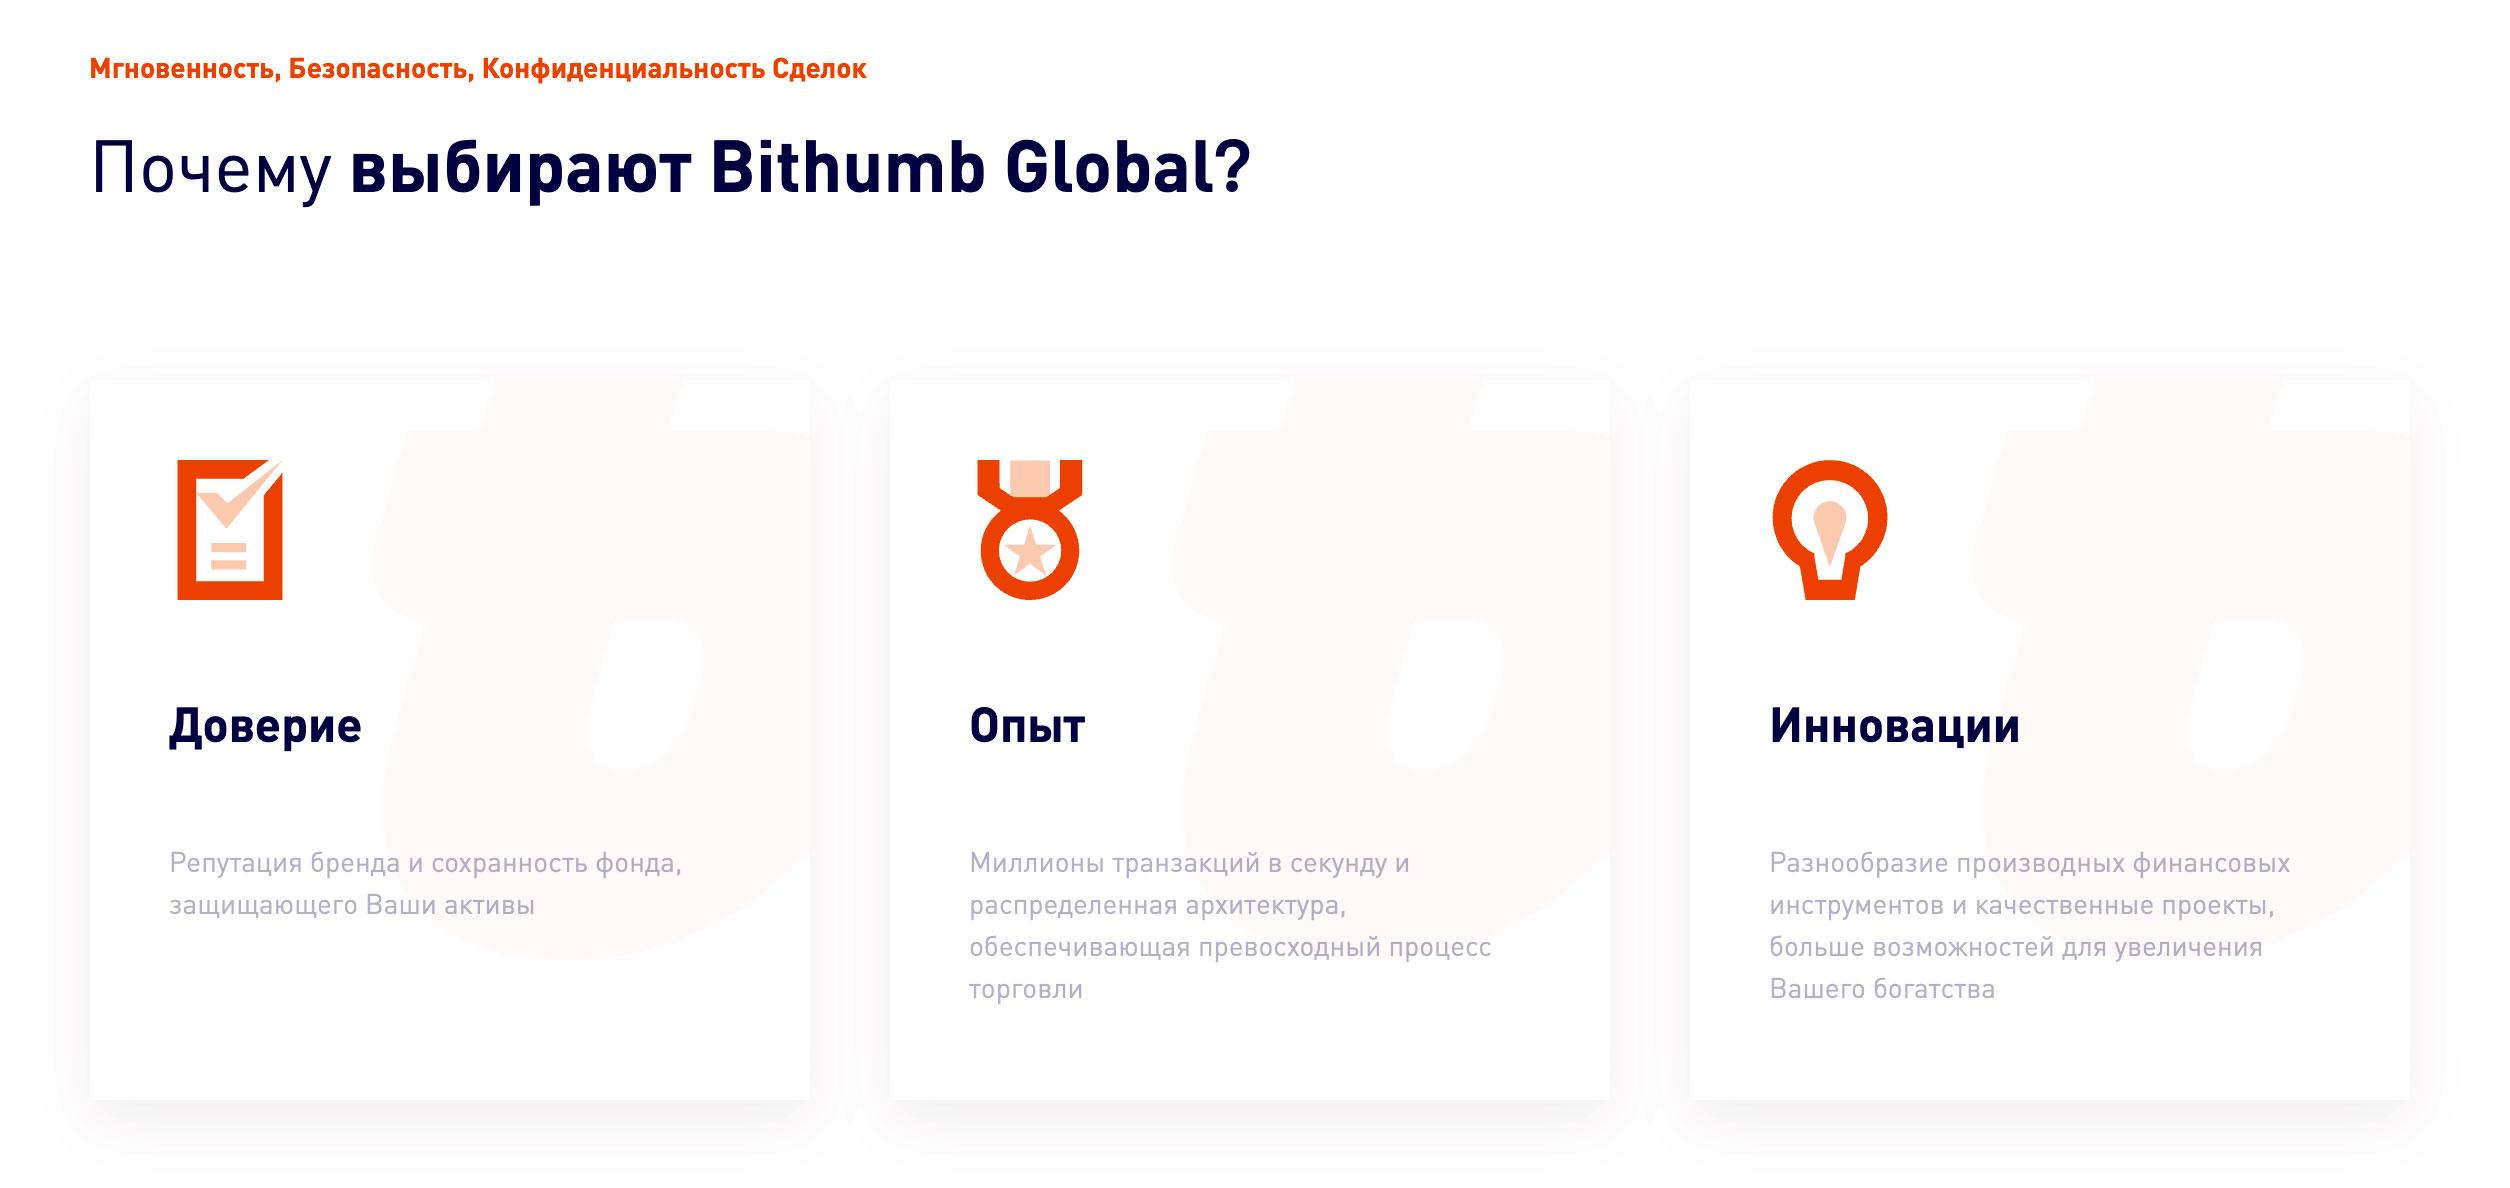 bithumb криптовалютная биржа